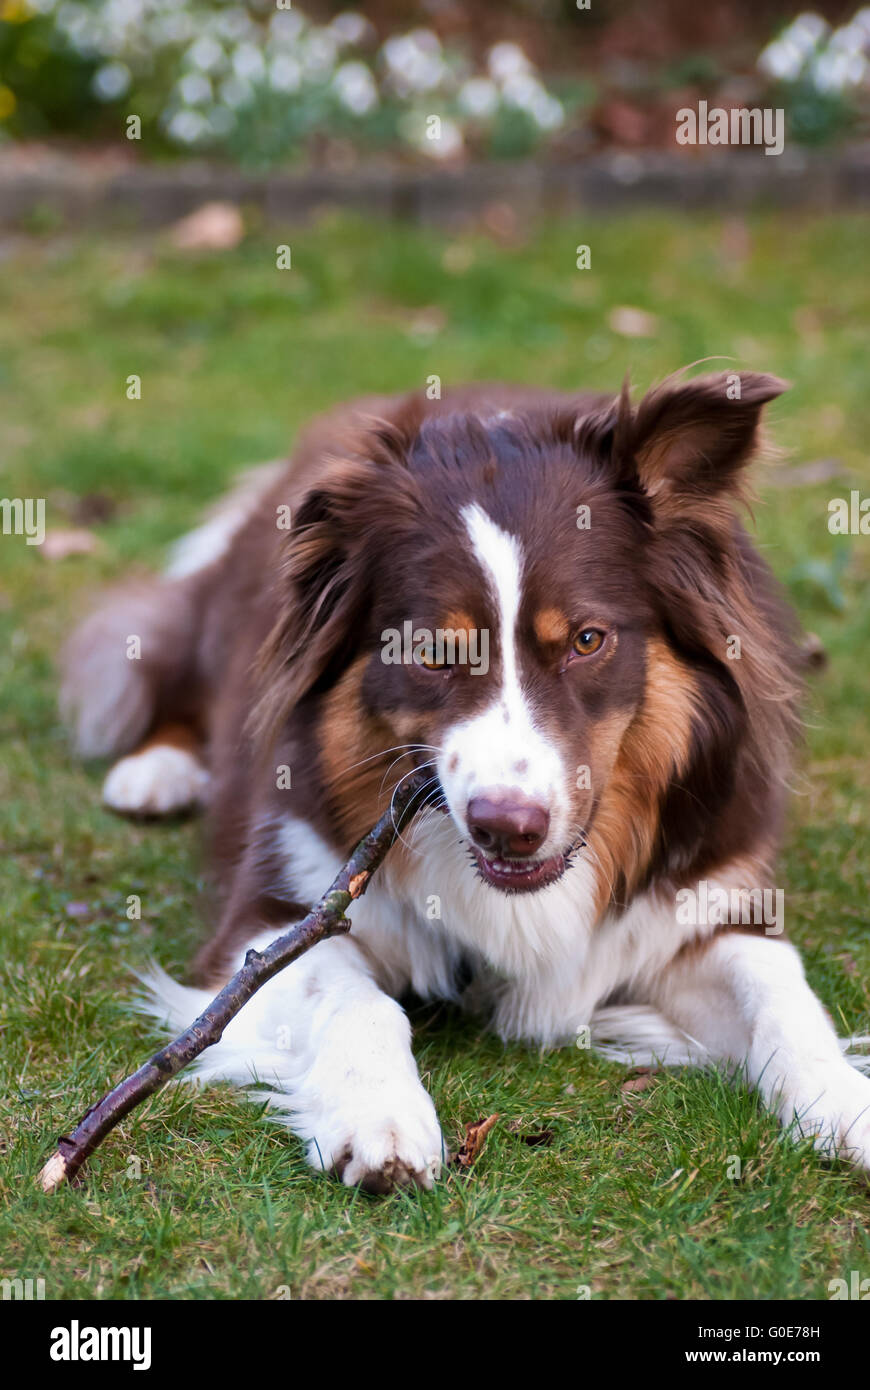 Australian Shepherd - Stock Image